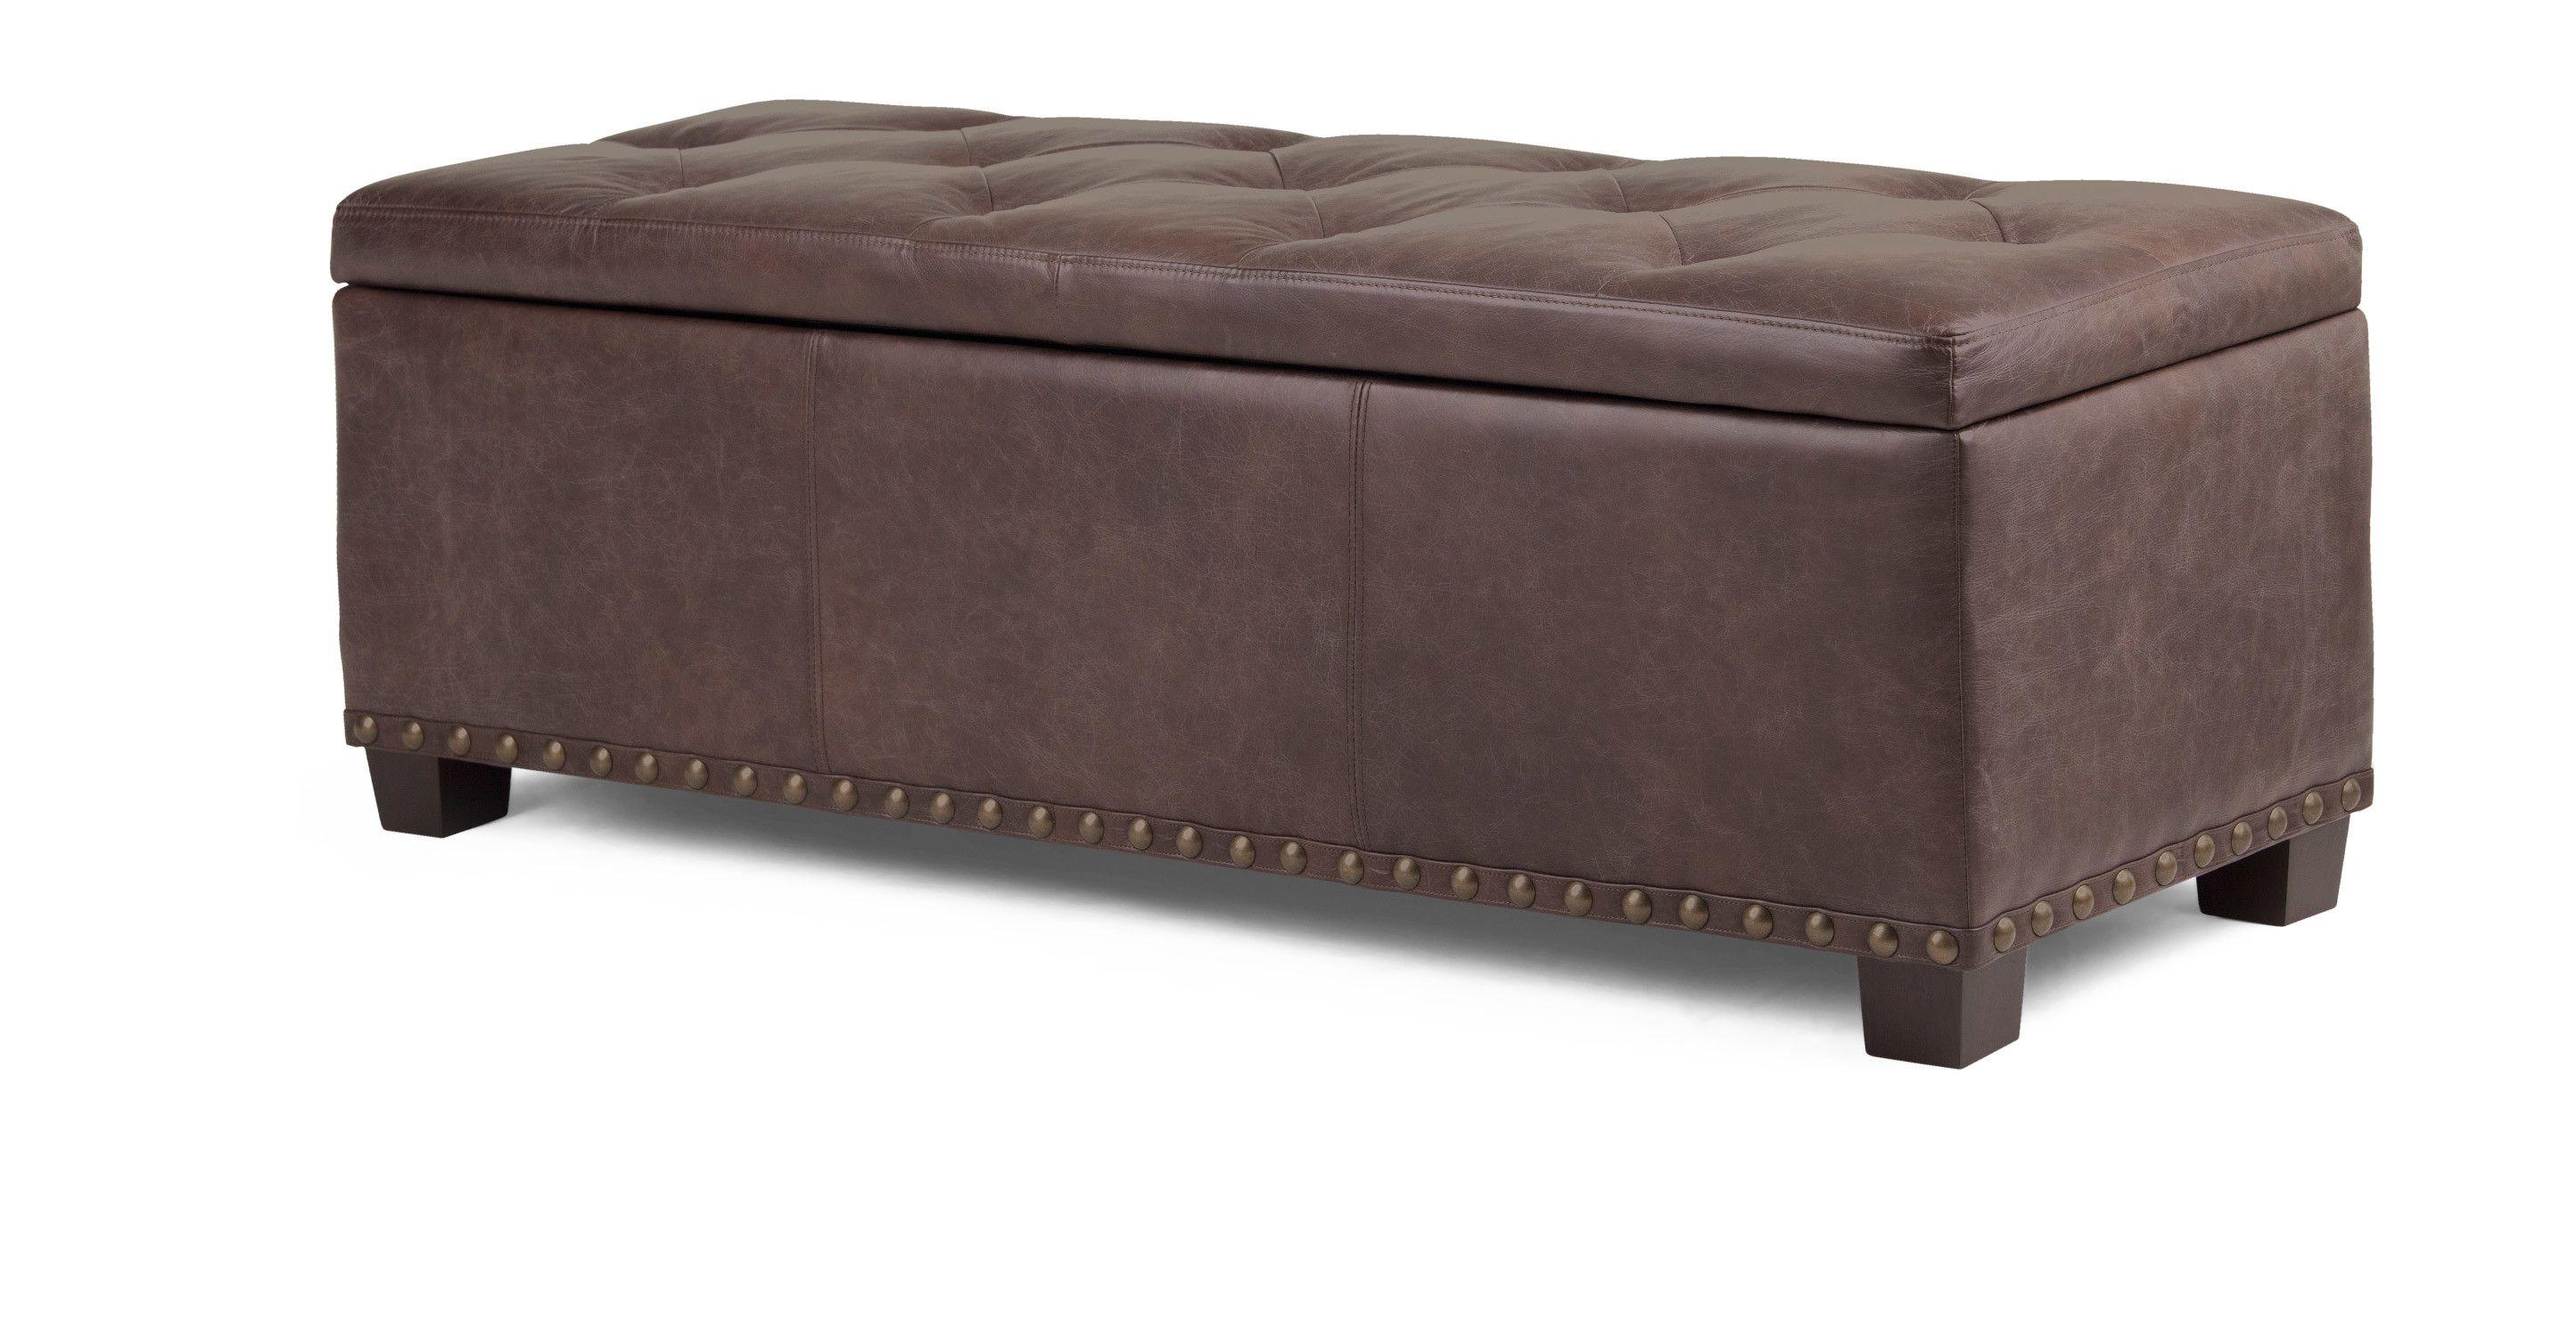 jeffrey gepolsterte sitzbank mit stauraum in sattelbraunem premium leder flat furnishing